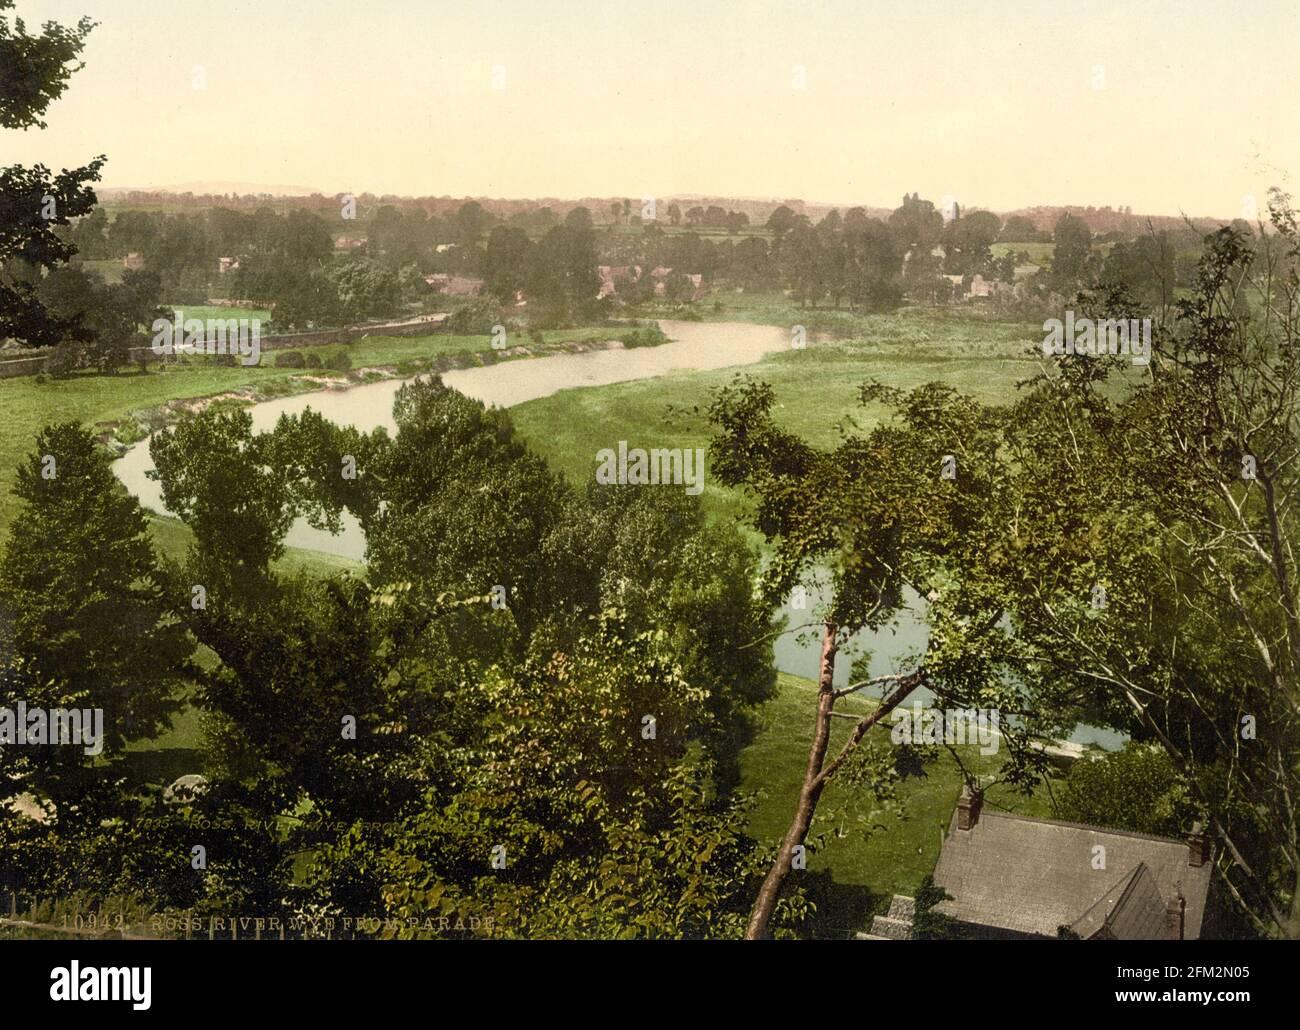 Le Wye de la rivière, vu de Ross-on-Wye vers 1890-1900 Banque D'Images